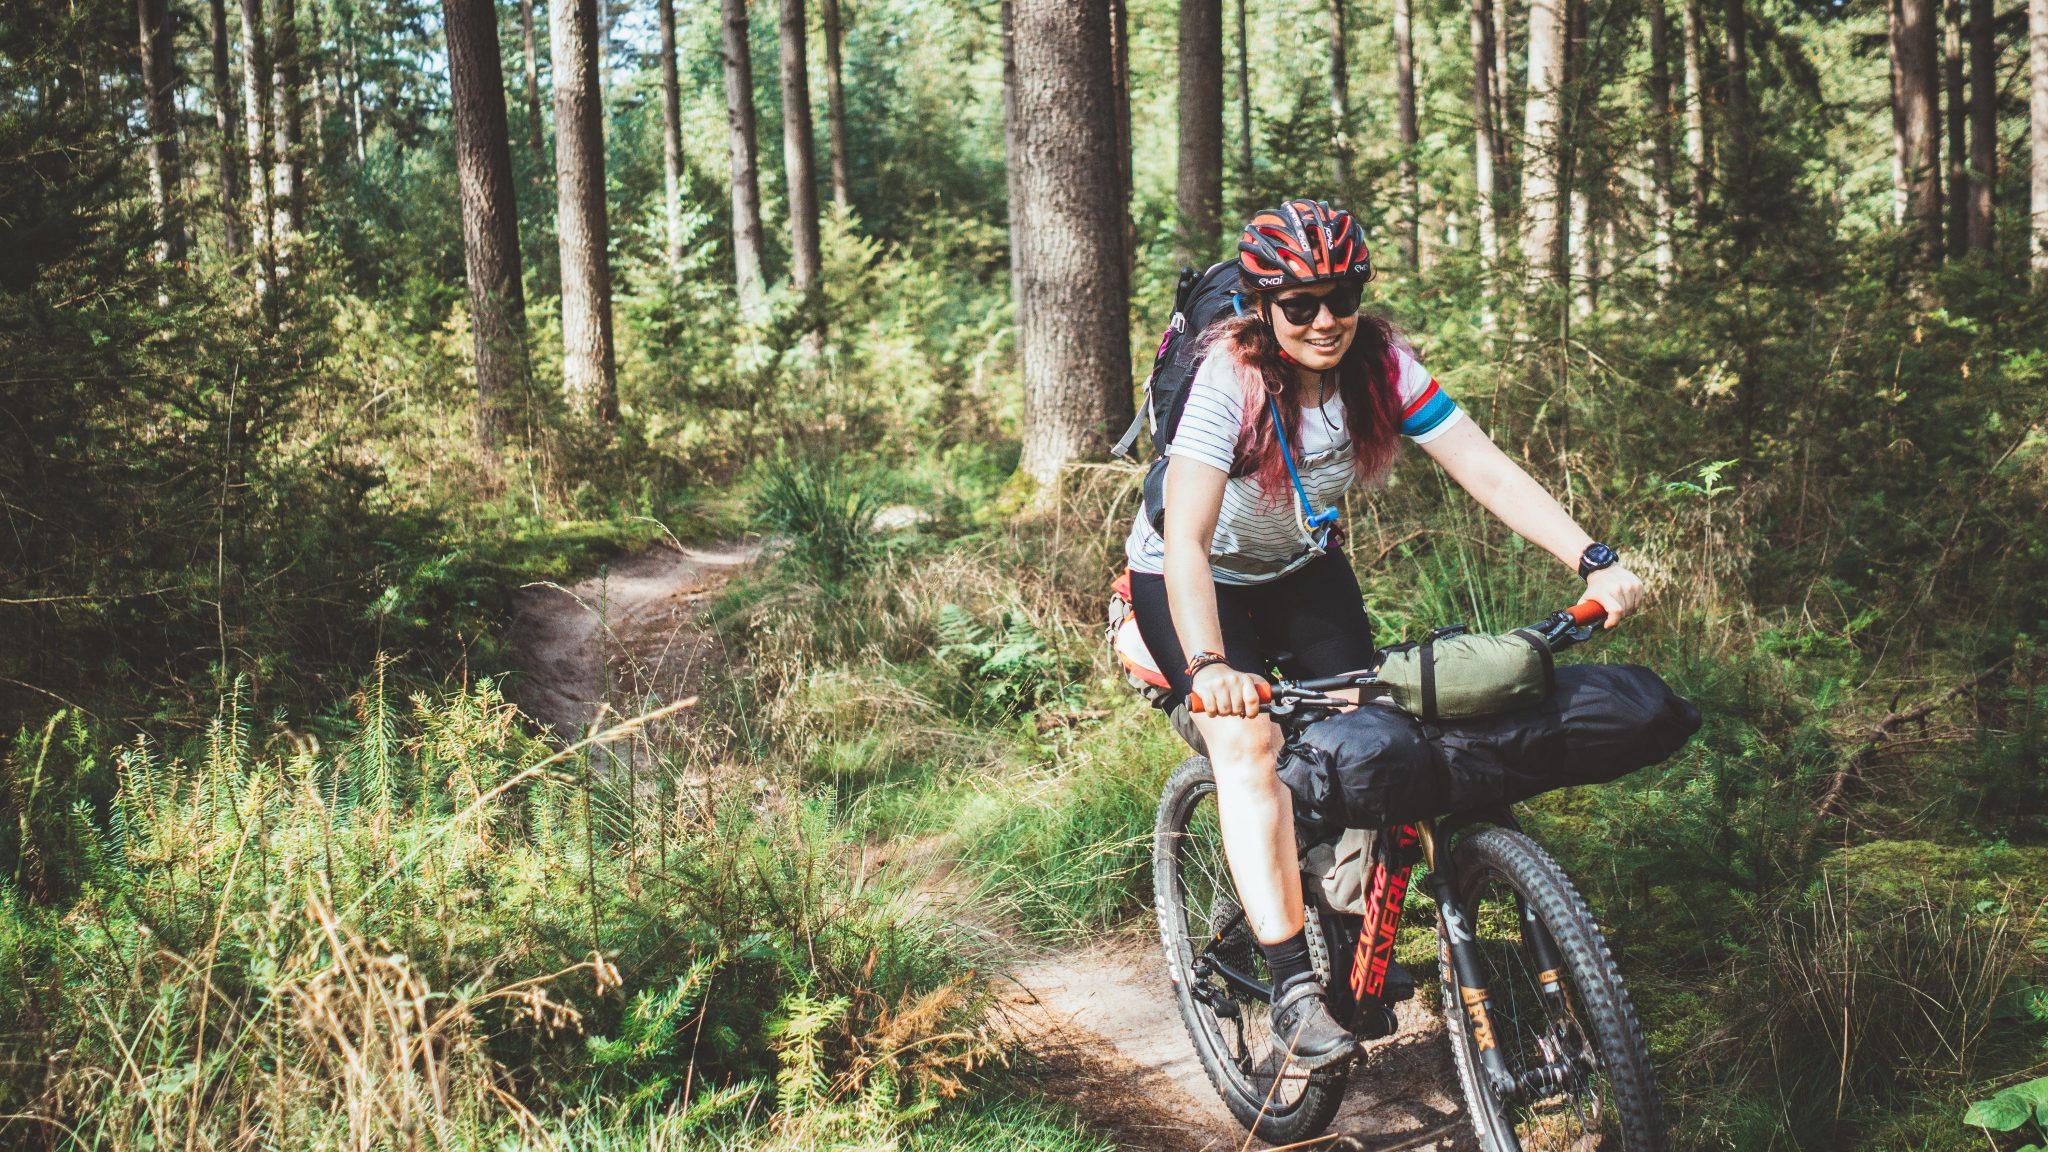 bikepacking holland cover radreisen niederlande erfahrungen